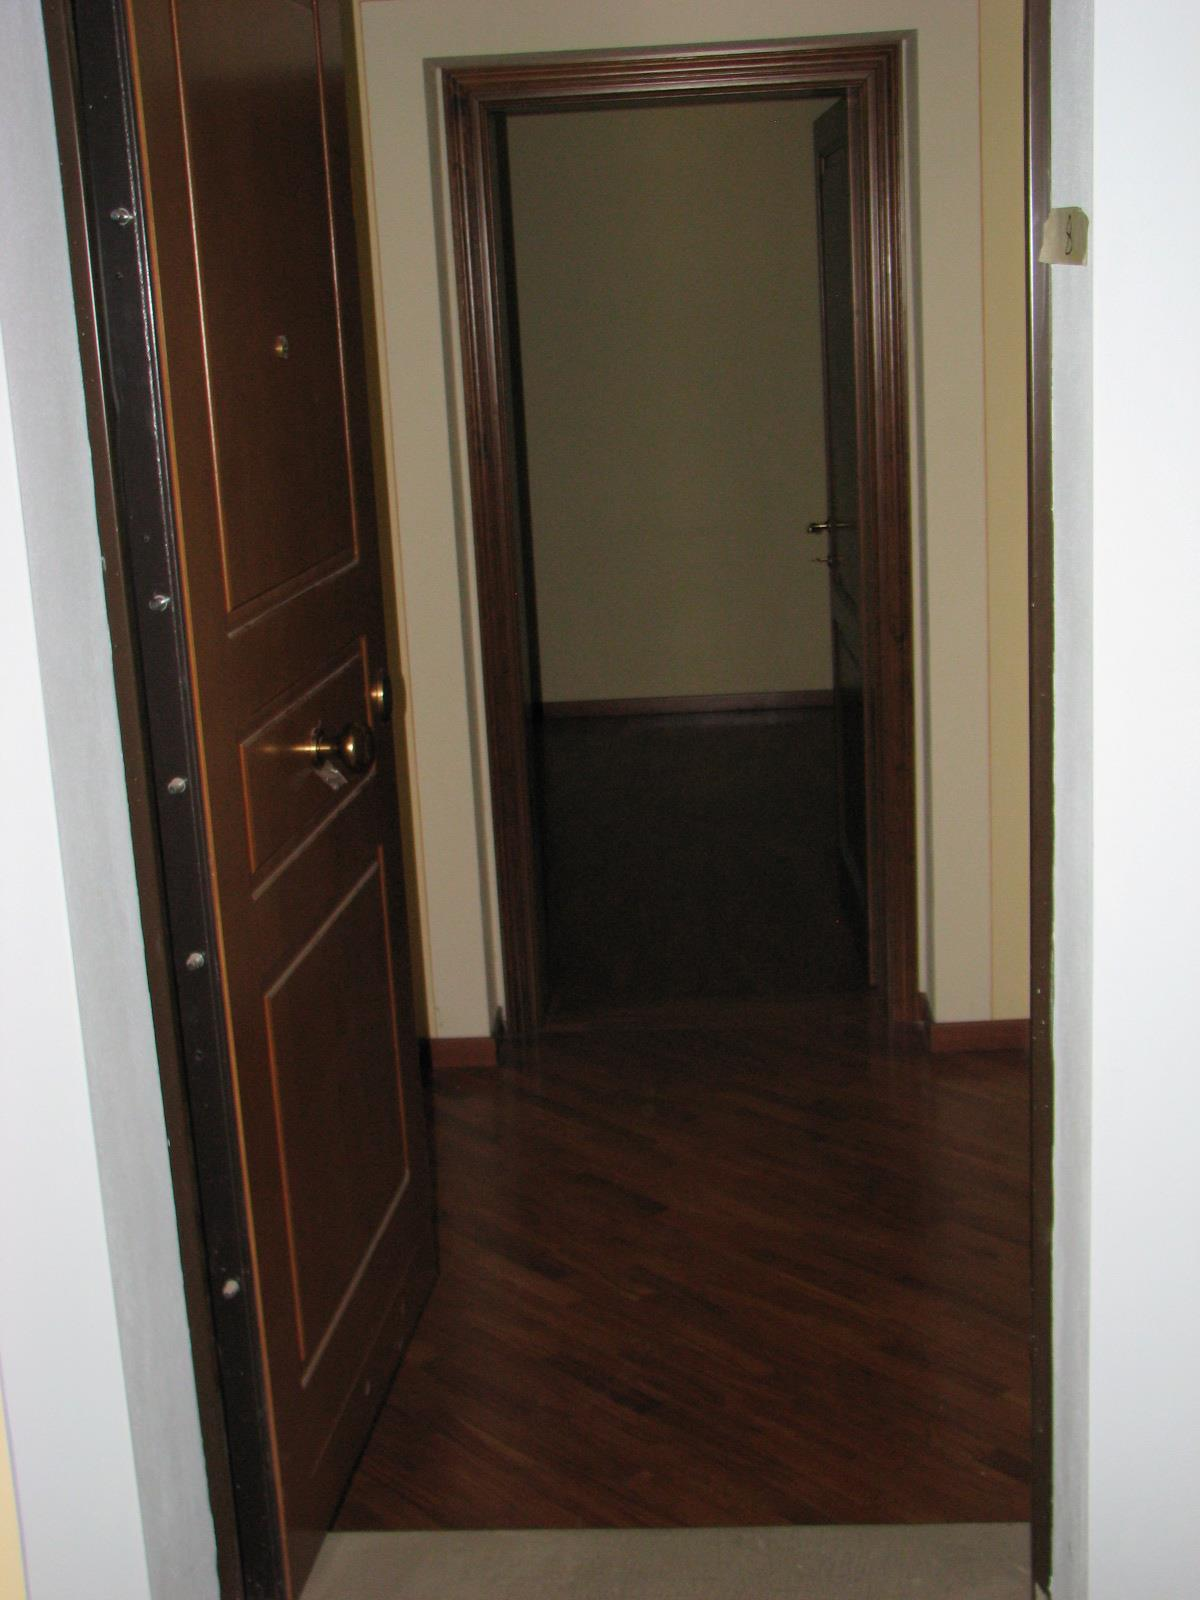 Attici MARGINE COPERTA (PT) Appartamento piano secondo nuova costruzione.